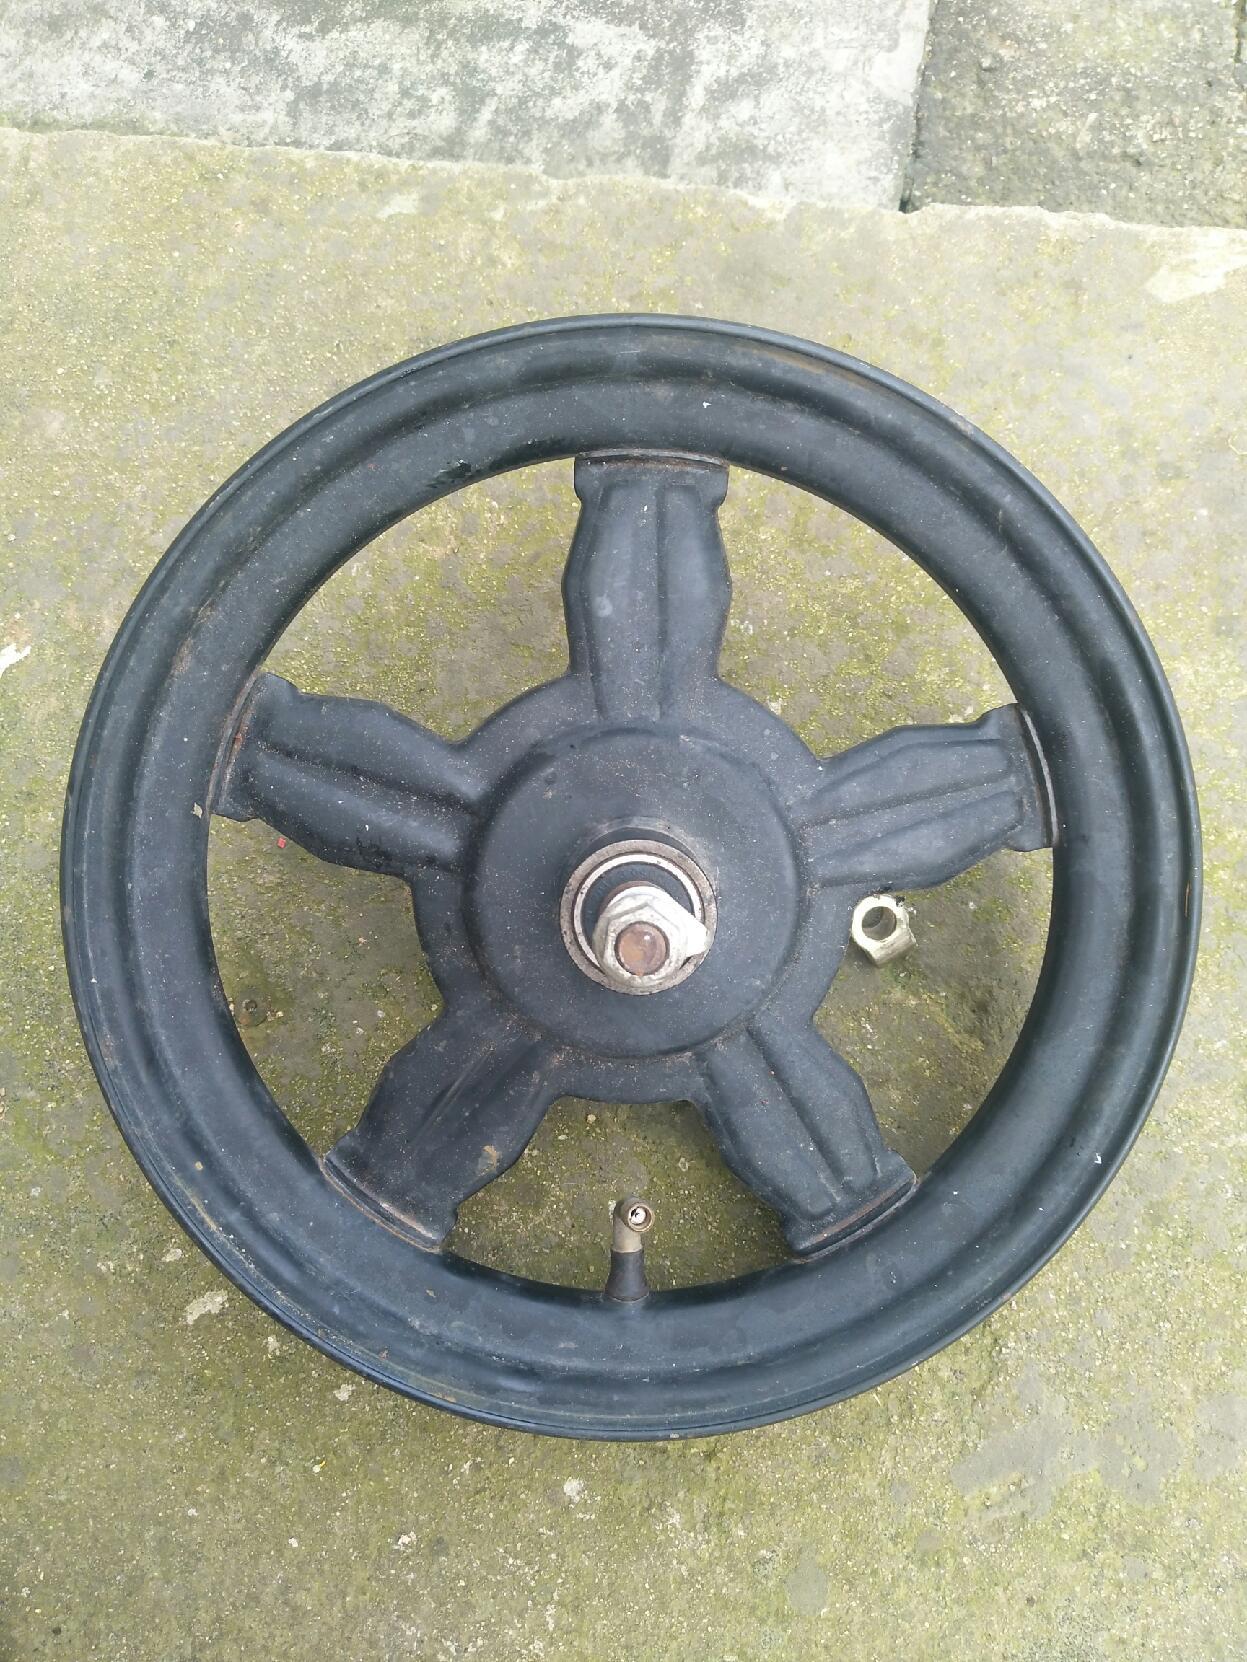 14寸电动车轮毂,有点变形。不讲究也能凑合用。放真空胎的。净